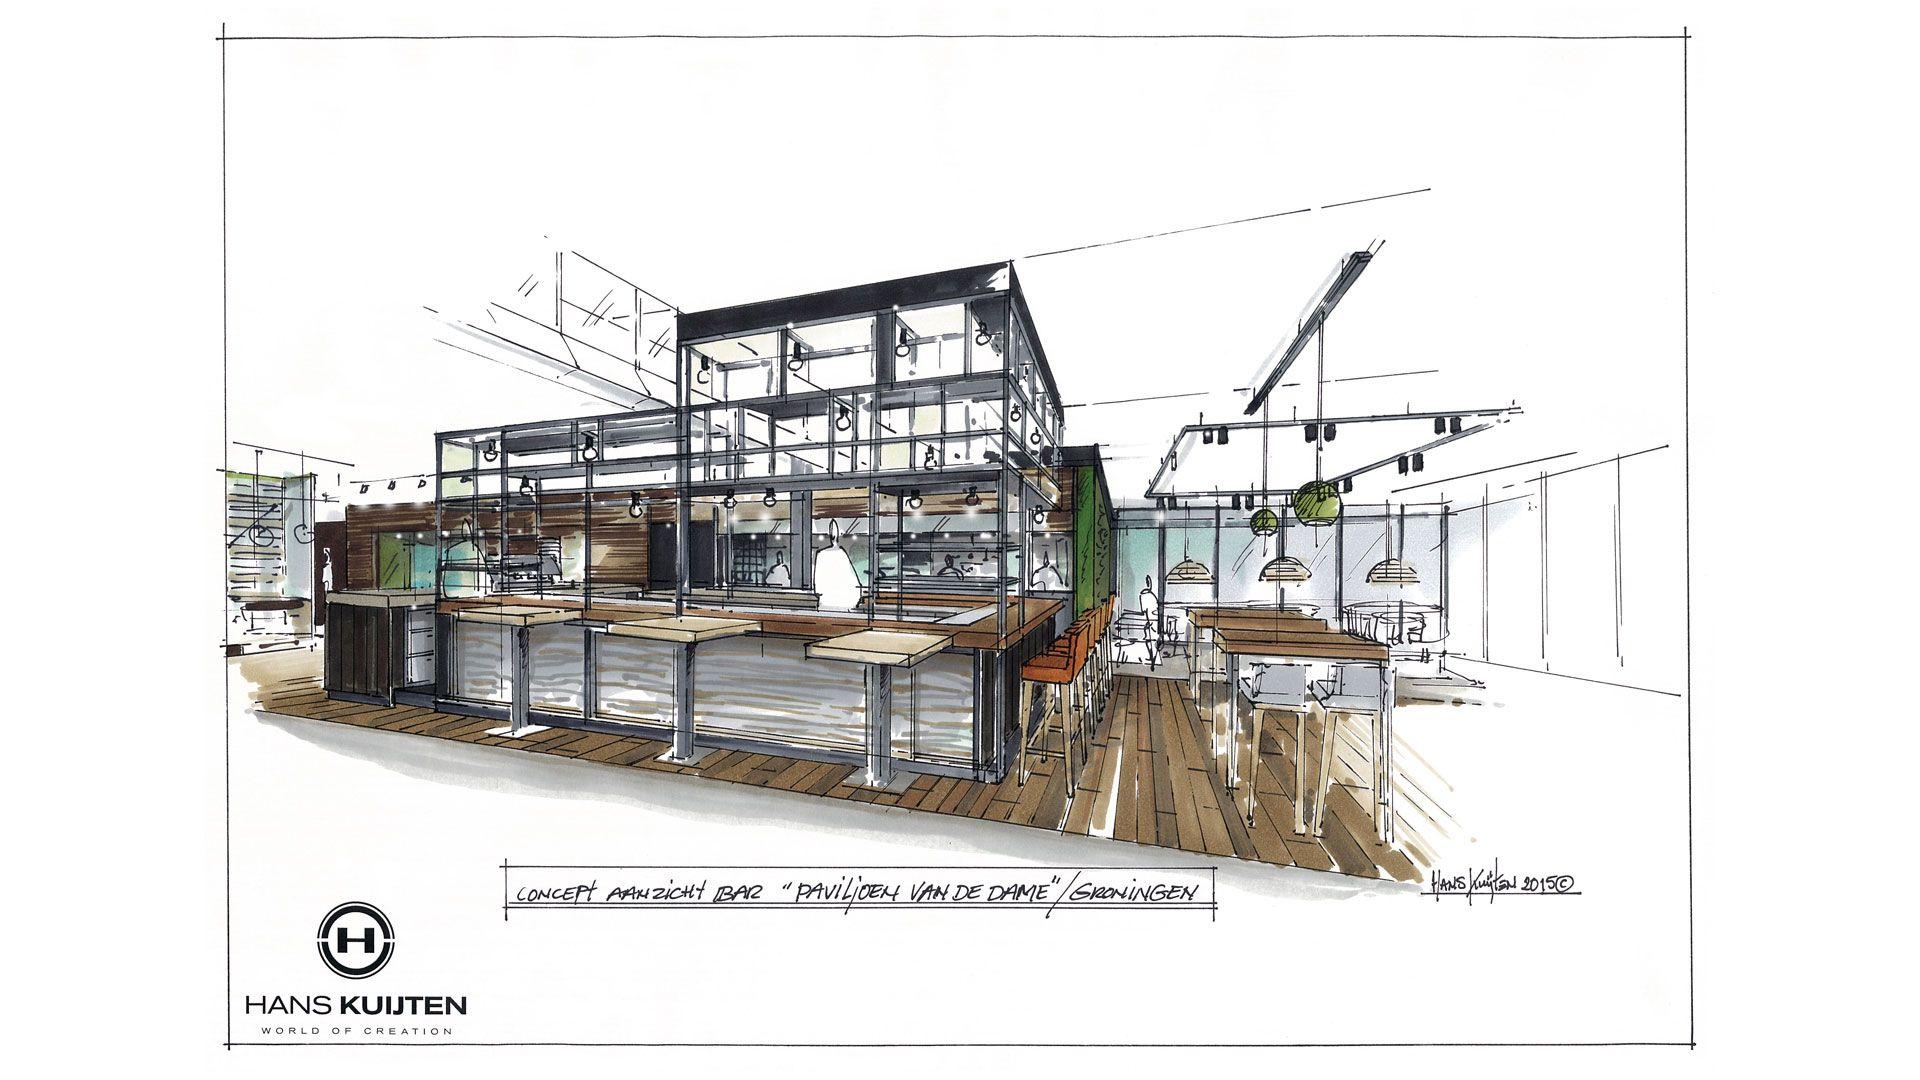 Paviljoen van de Dame   COMM1  RESTAURANT   Interior design sketches